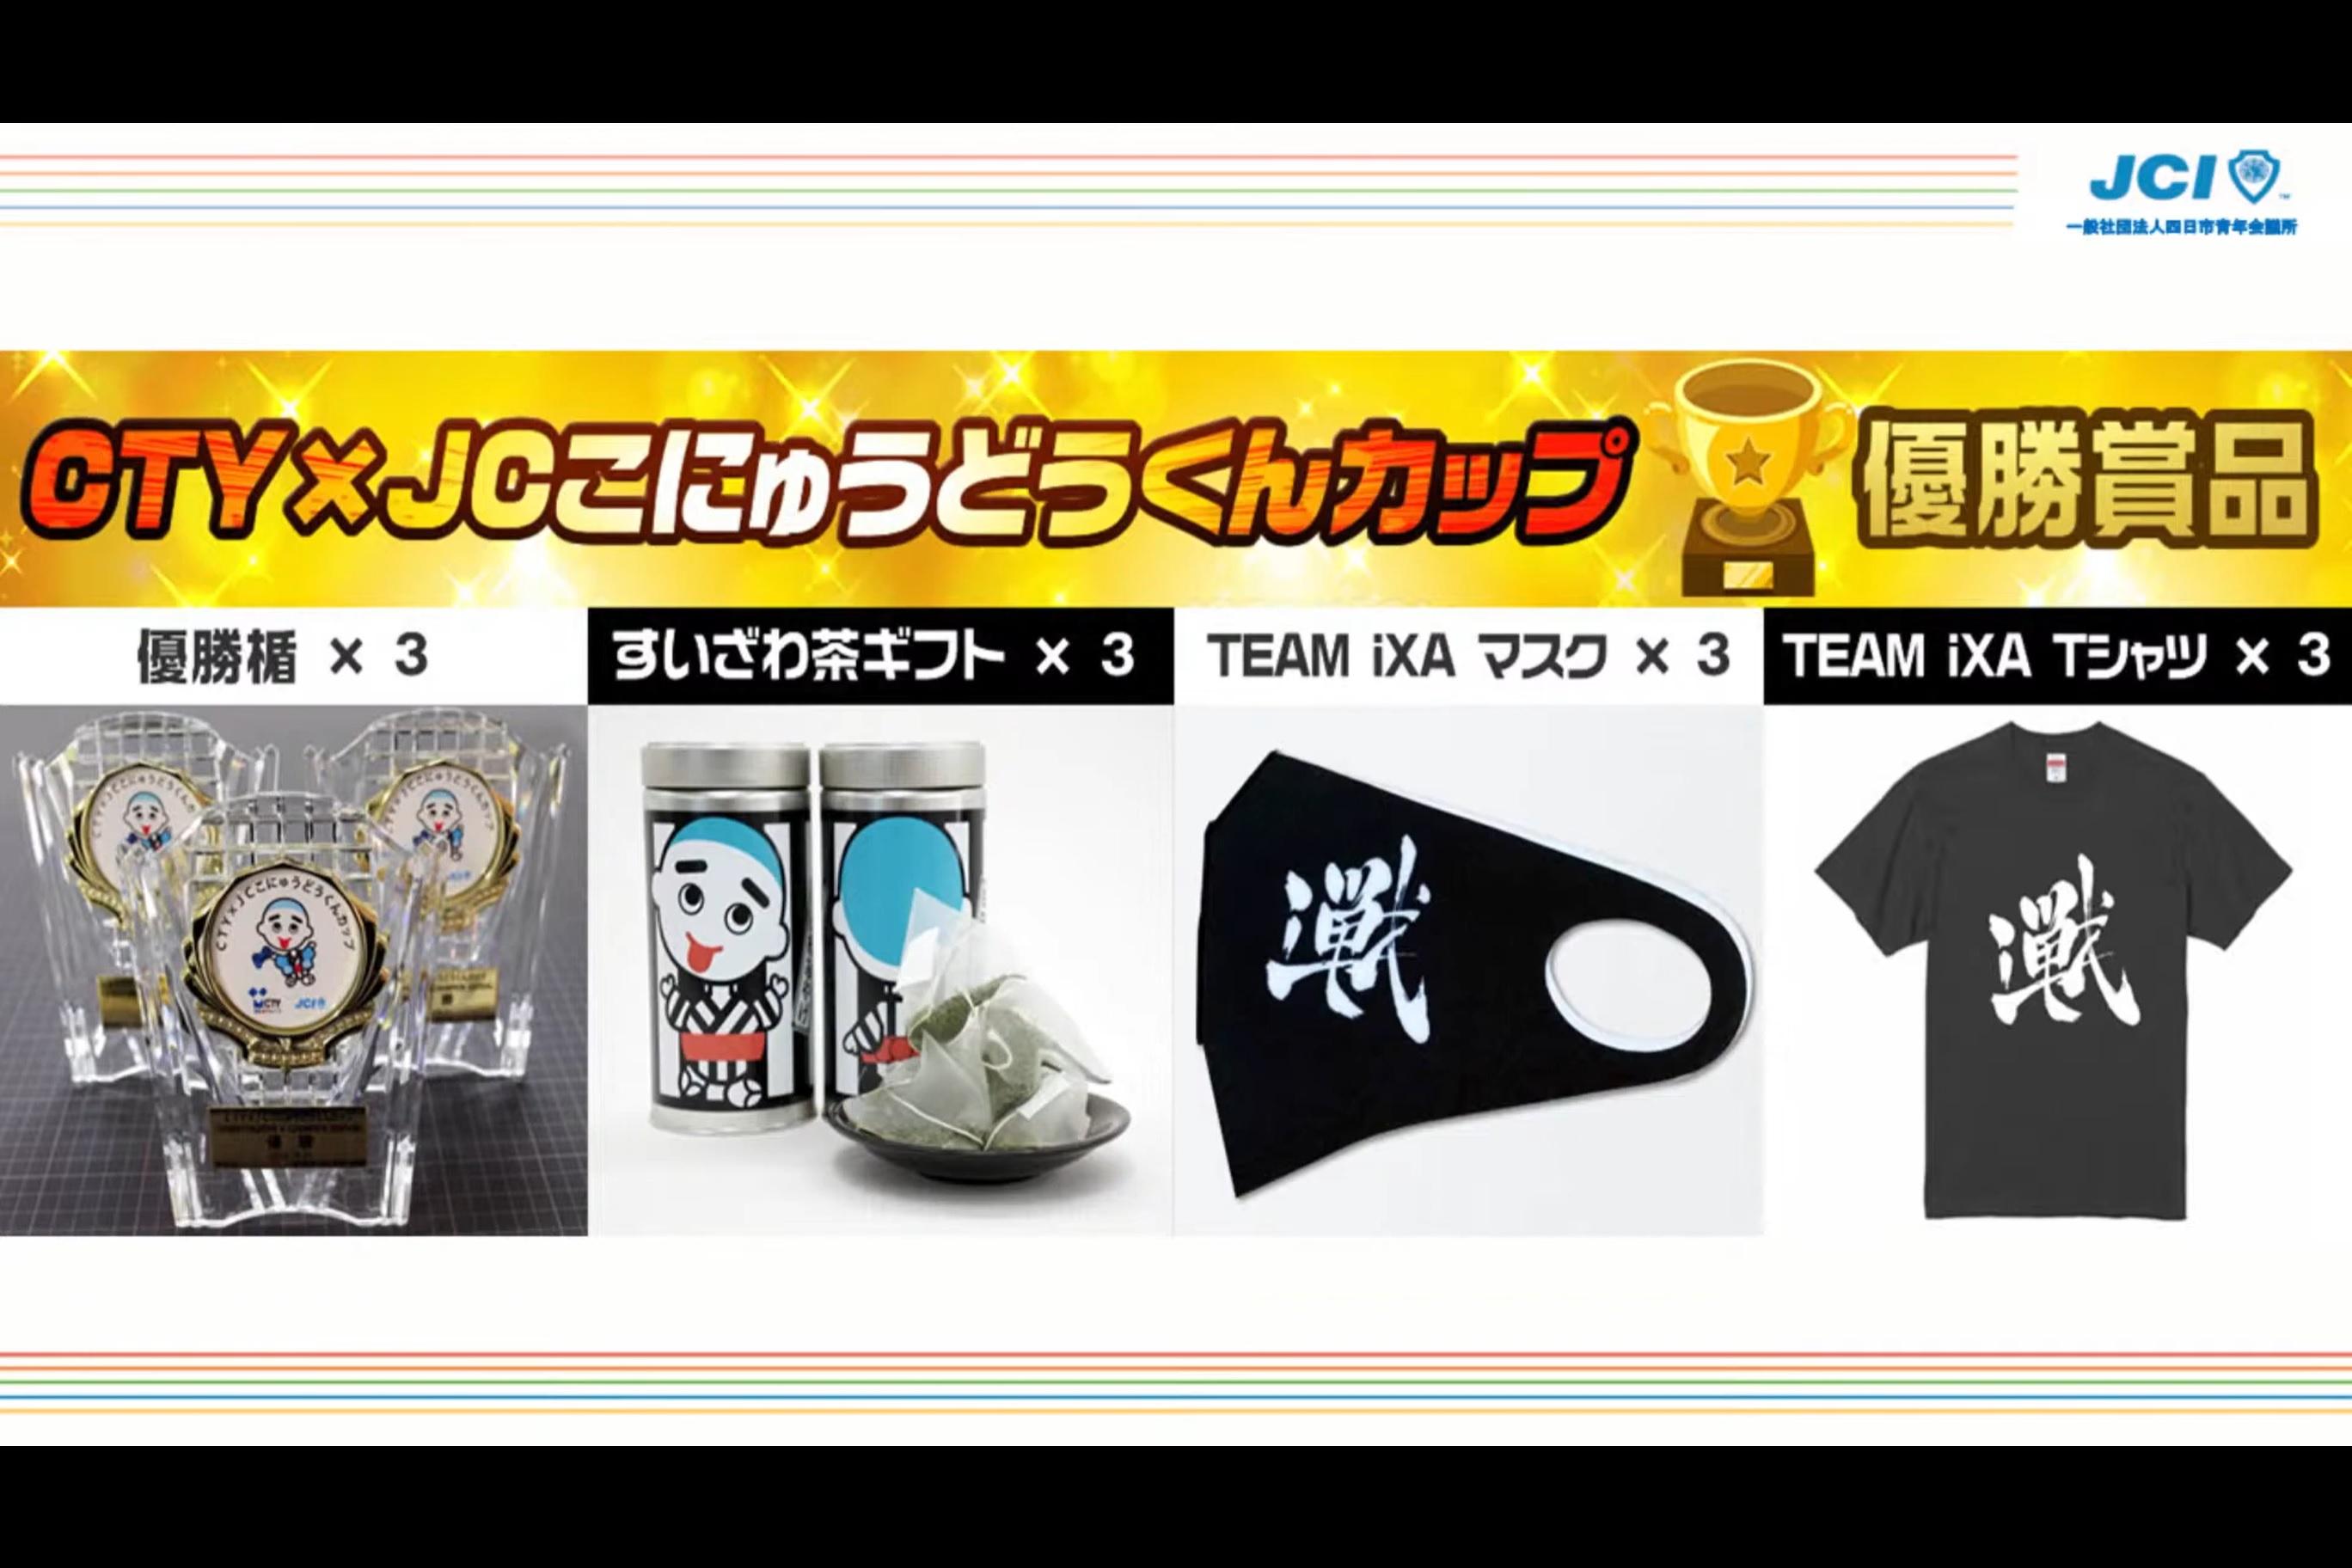 優勝チームには記念の盾、すいざわ茶ギフト、TEAM iXAマスクとTシャツが3名全員に贈られる